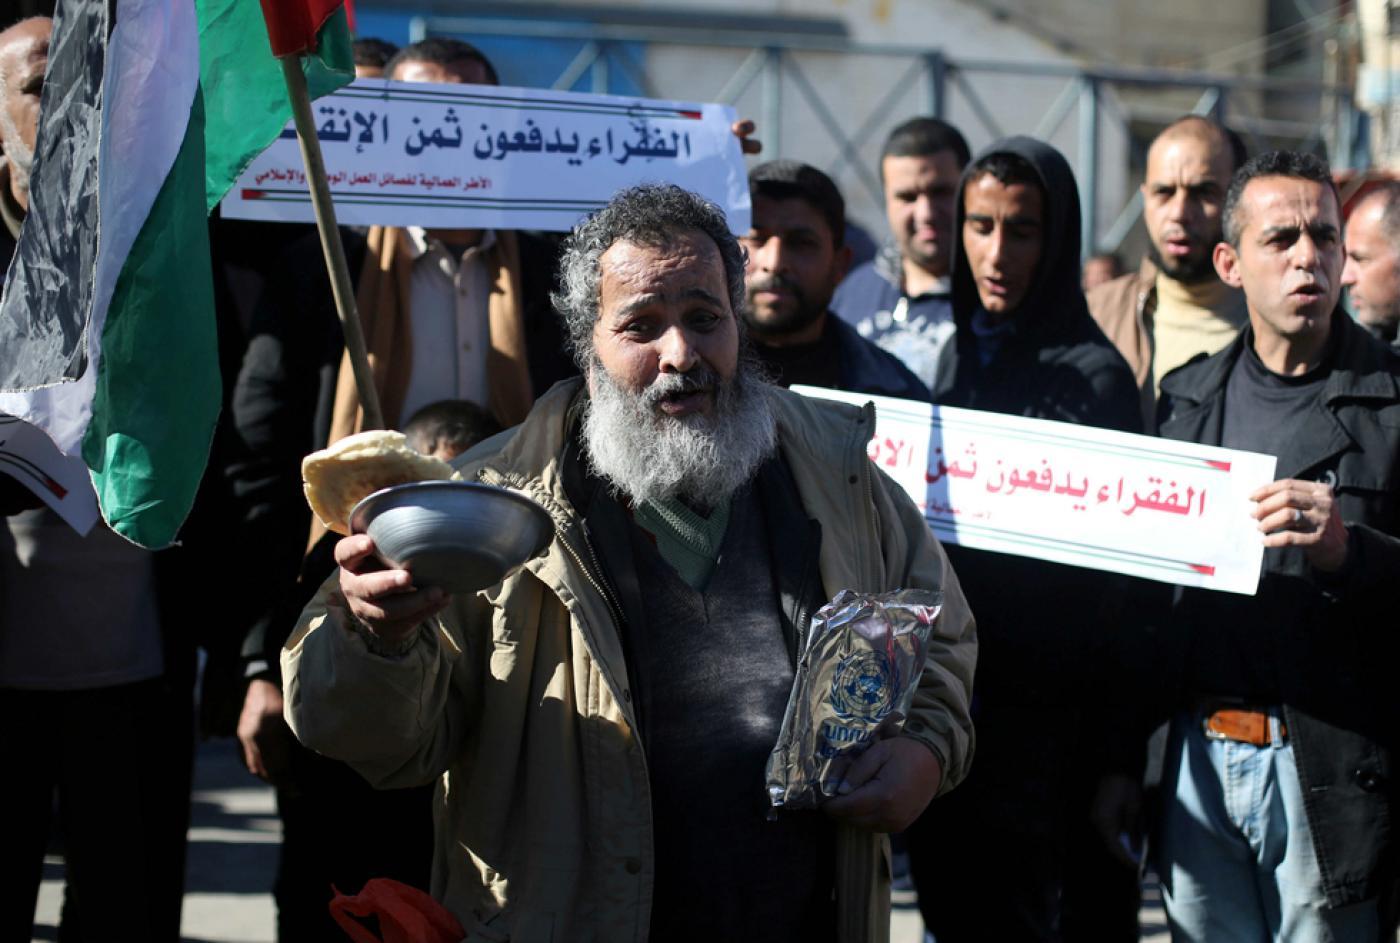 Des Palestiniens participent à une manifestation pour réclamer de meilleures conditions de vie devant le bureau de l'UNRWA à Rafah (bande de Gaza), en janvier 2018 (Reuters)